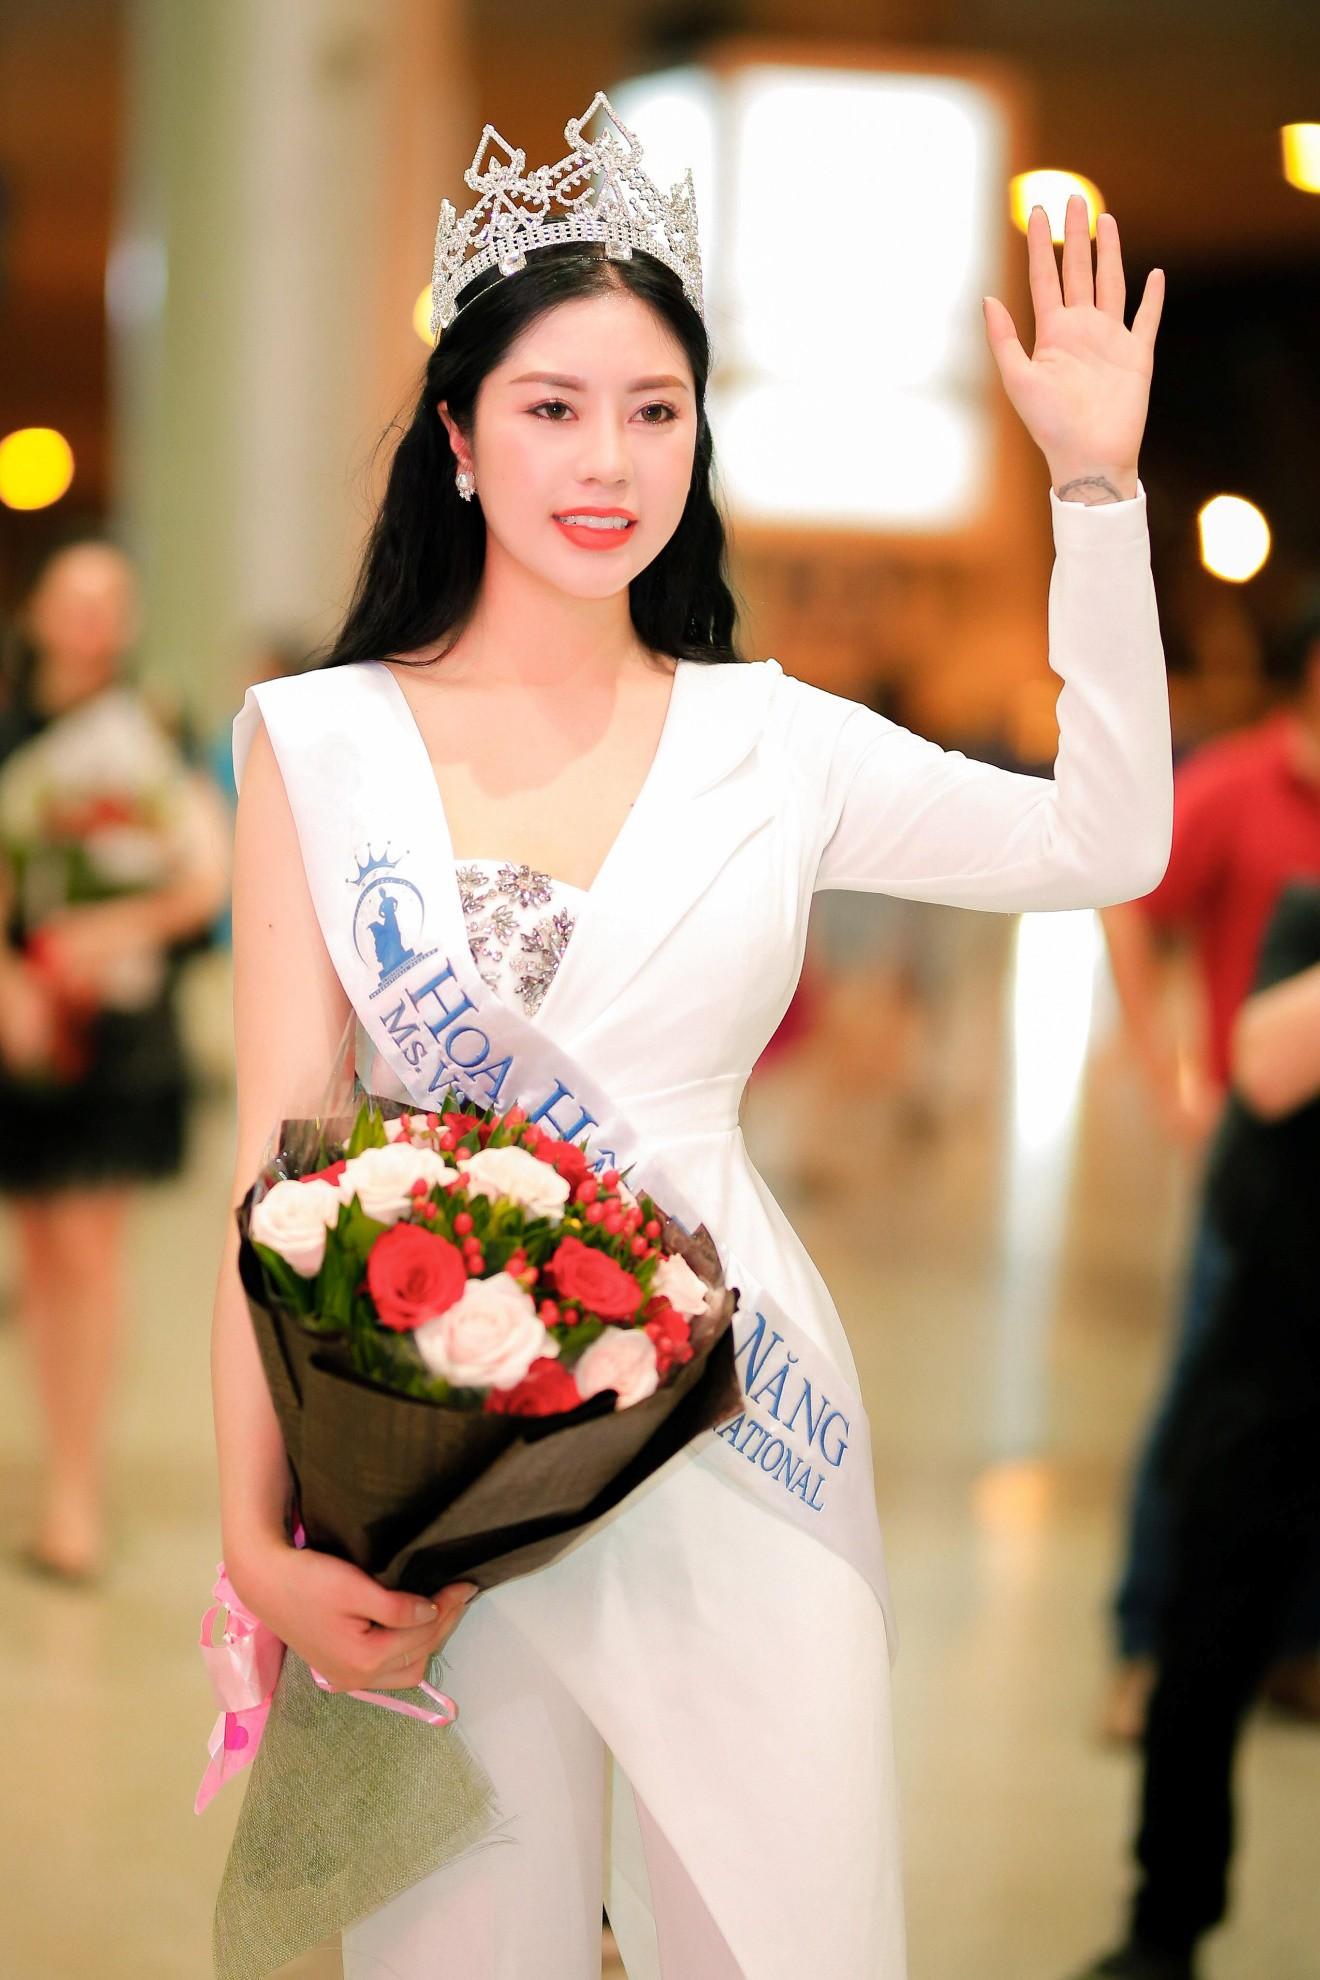 """Tô Diệp Hà đoạt giải """"Hoa hậu tài năng"""" tại Ms Vietnam Beauty International Pageant 2018 - Ảnh 2."""